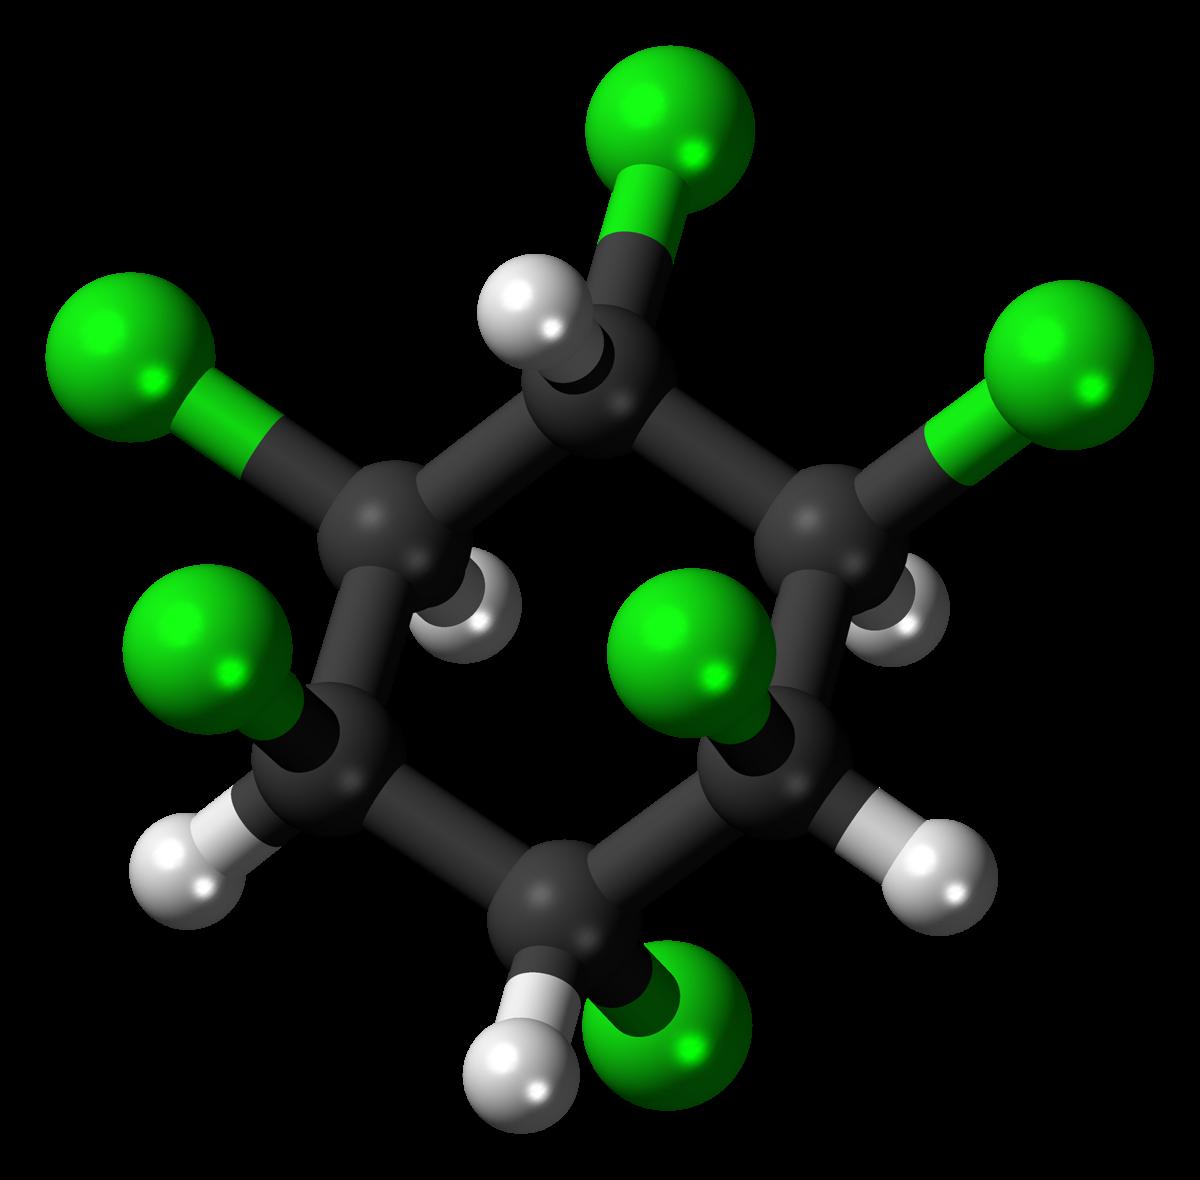 efectos secundarios de los esteroides anabolicos androgenicos